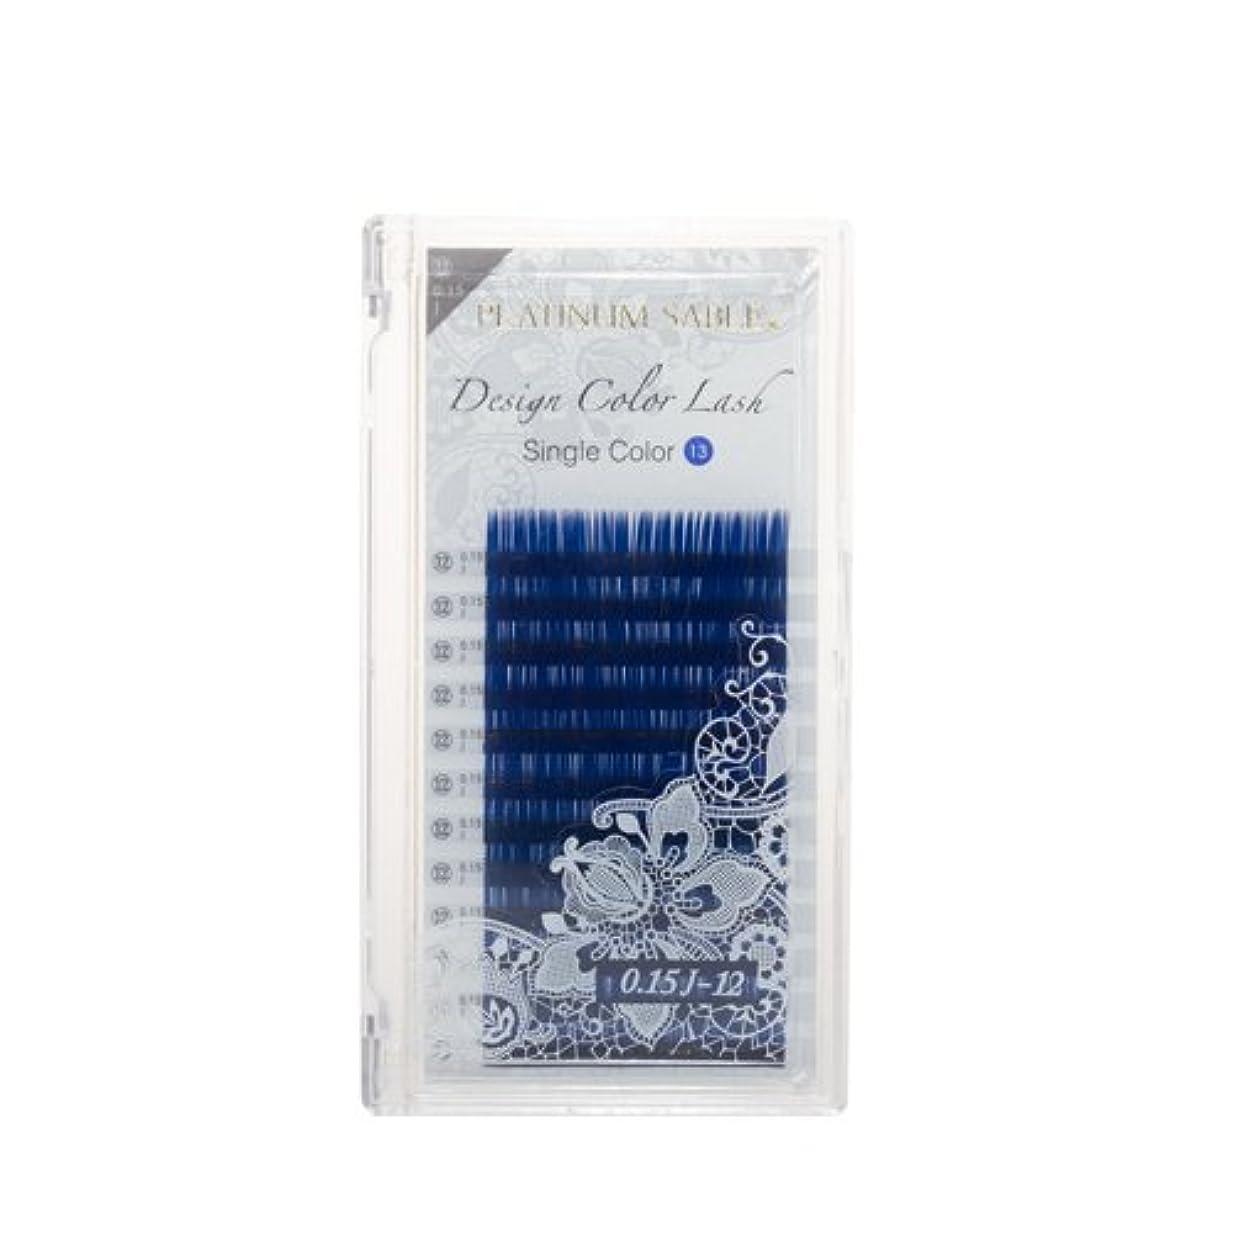 ダブルウルル寄付するプラチナセーブルデザインカラー0.15mmC7mmロイヤルブルー